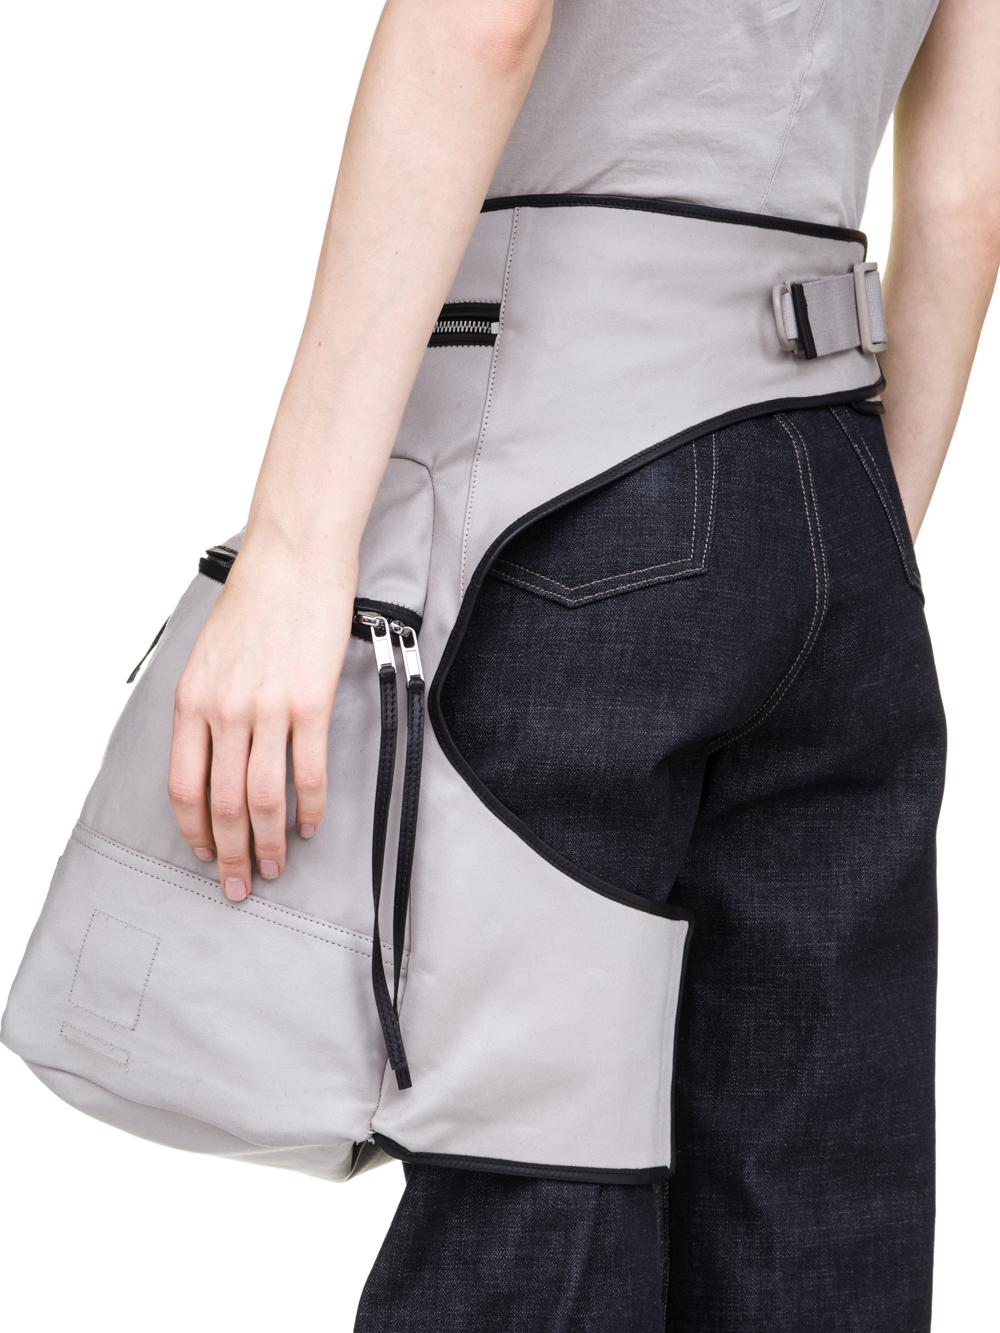 Drkshdw Fw18 Sisyphus Kangaroo Bag In Pearl Grey